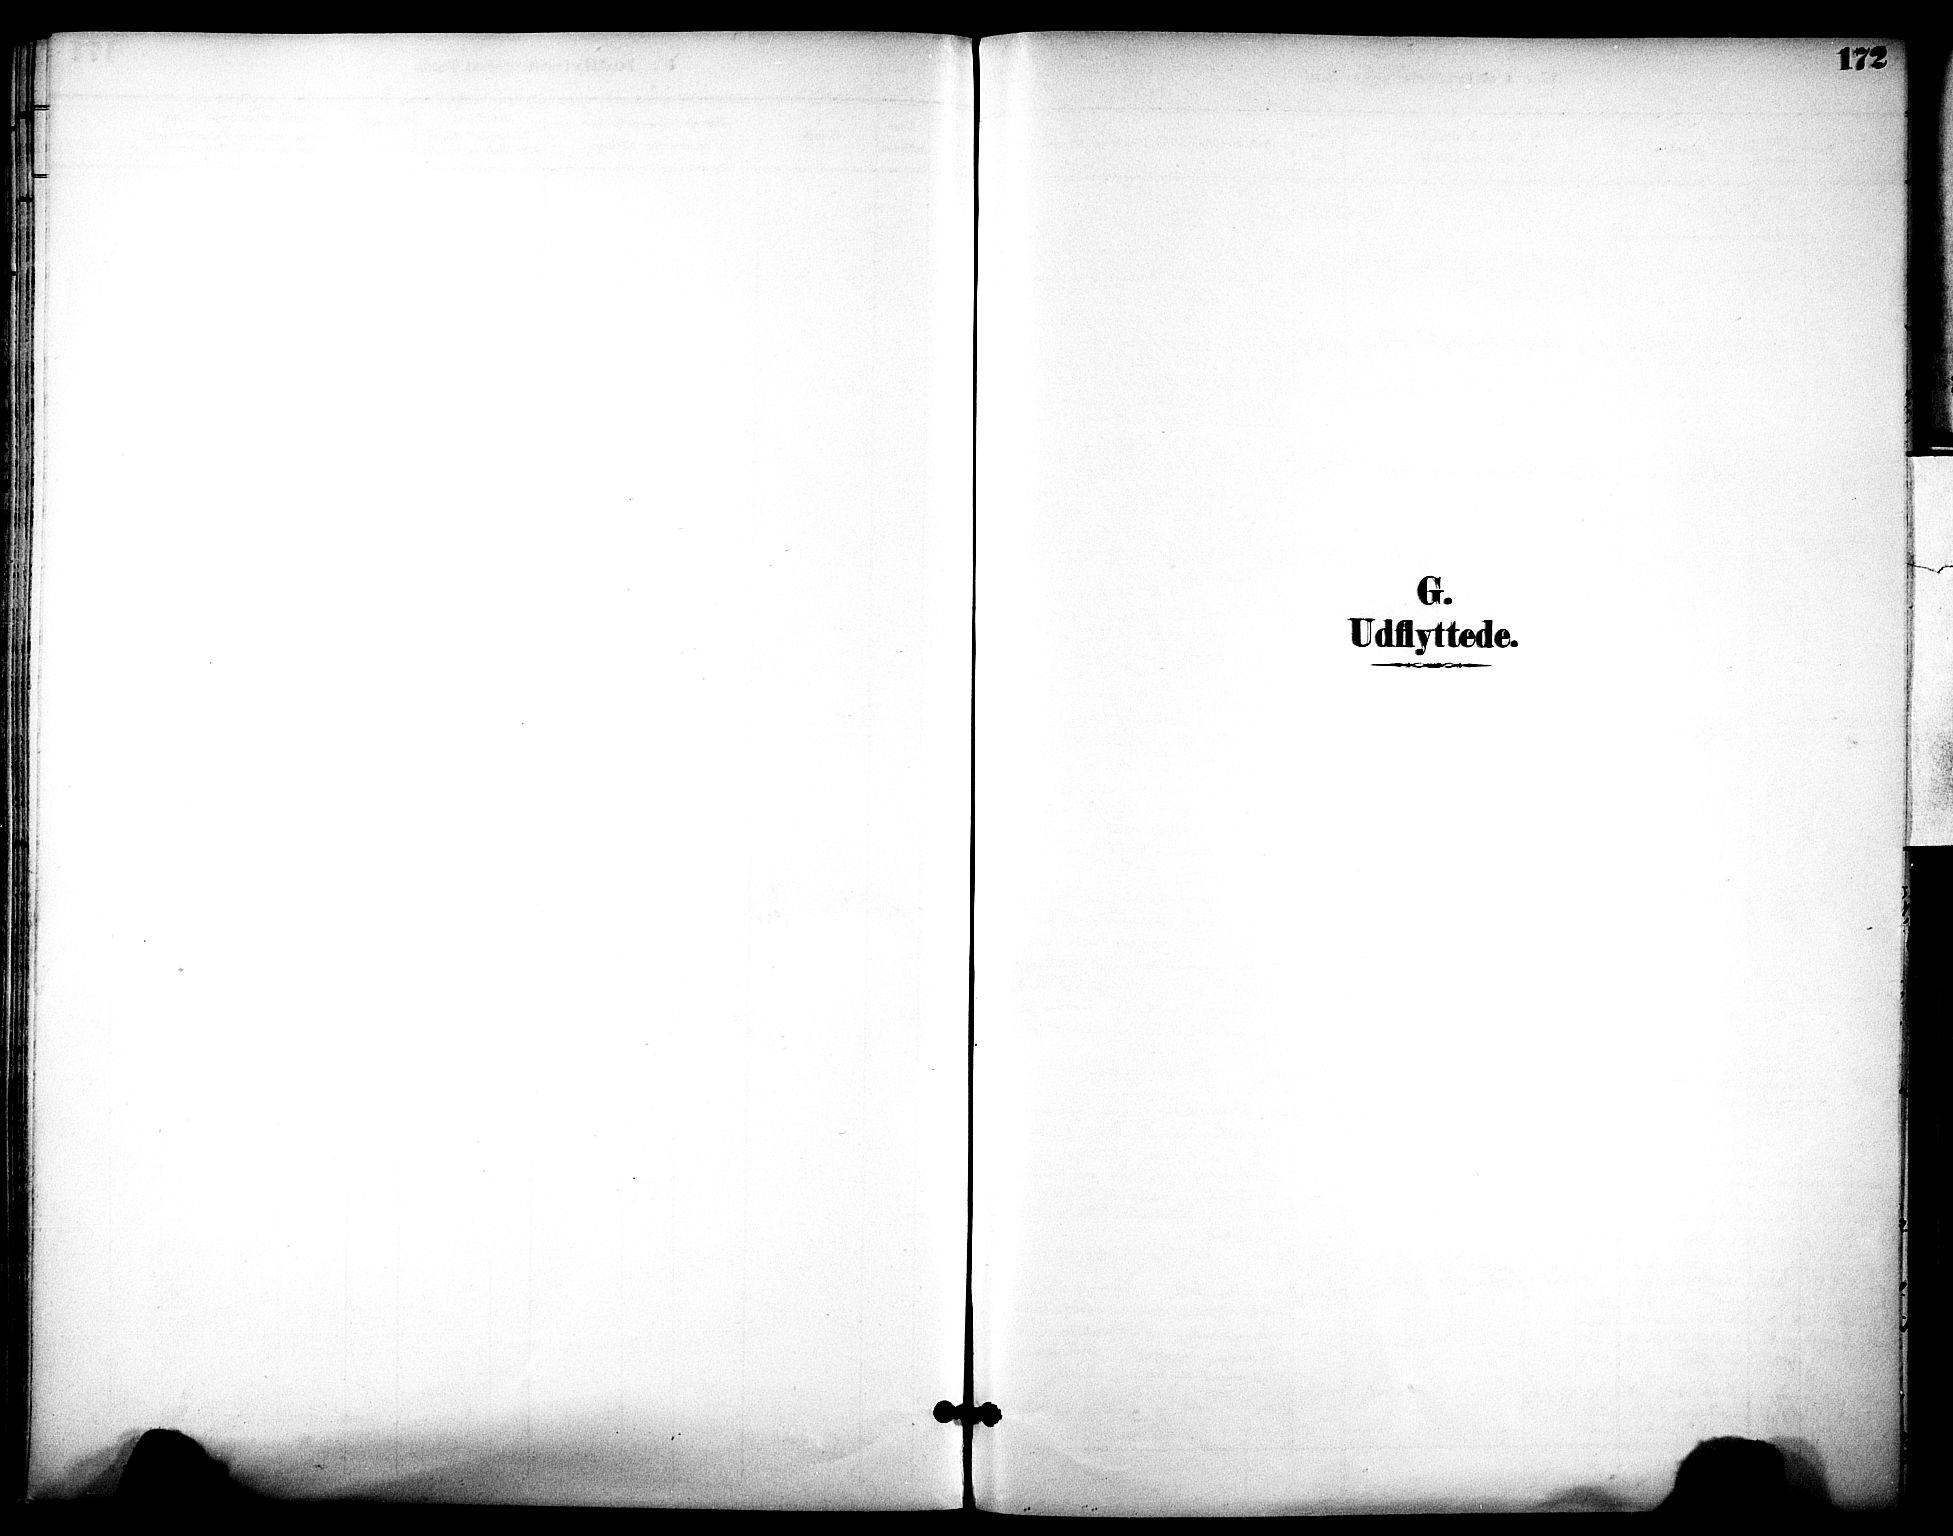 SAT, Ministerialprotokoller, klokkerbøker og fødselsregistre - Sør-Trøndelag, 686/L0984: Ministerialbok nr. 686A02, 1891-1906, s. 172